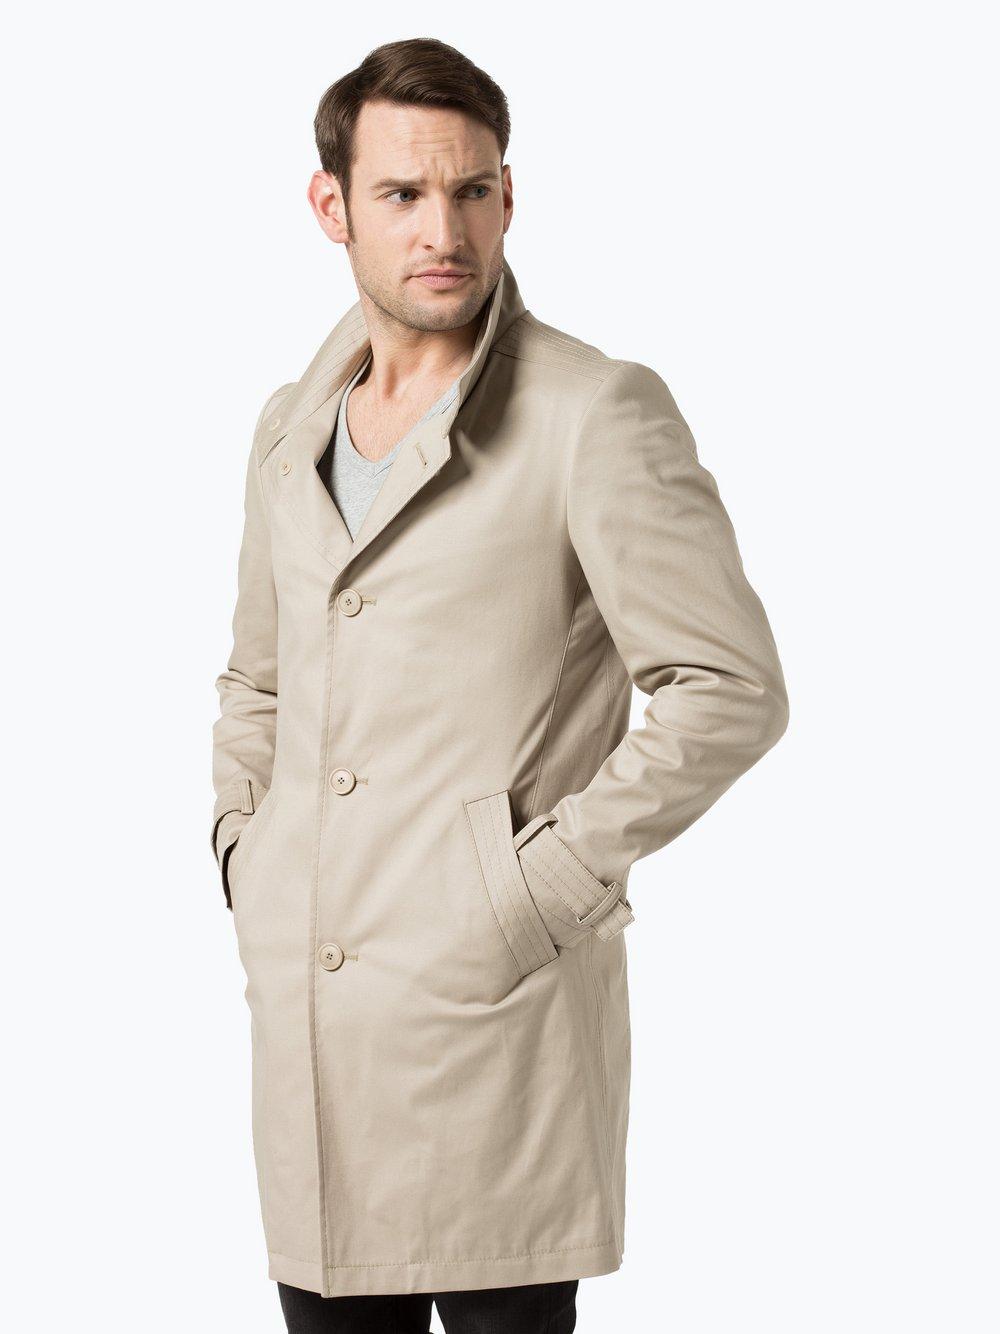 Mantel Drykorn kaufenPEEK UND Herren Onnex online kiuwOPTlZX